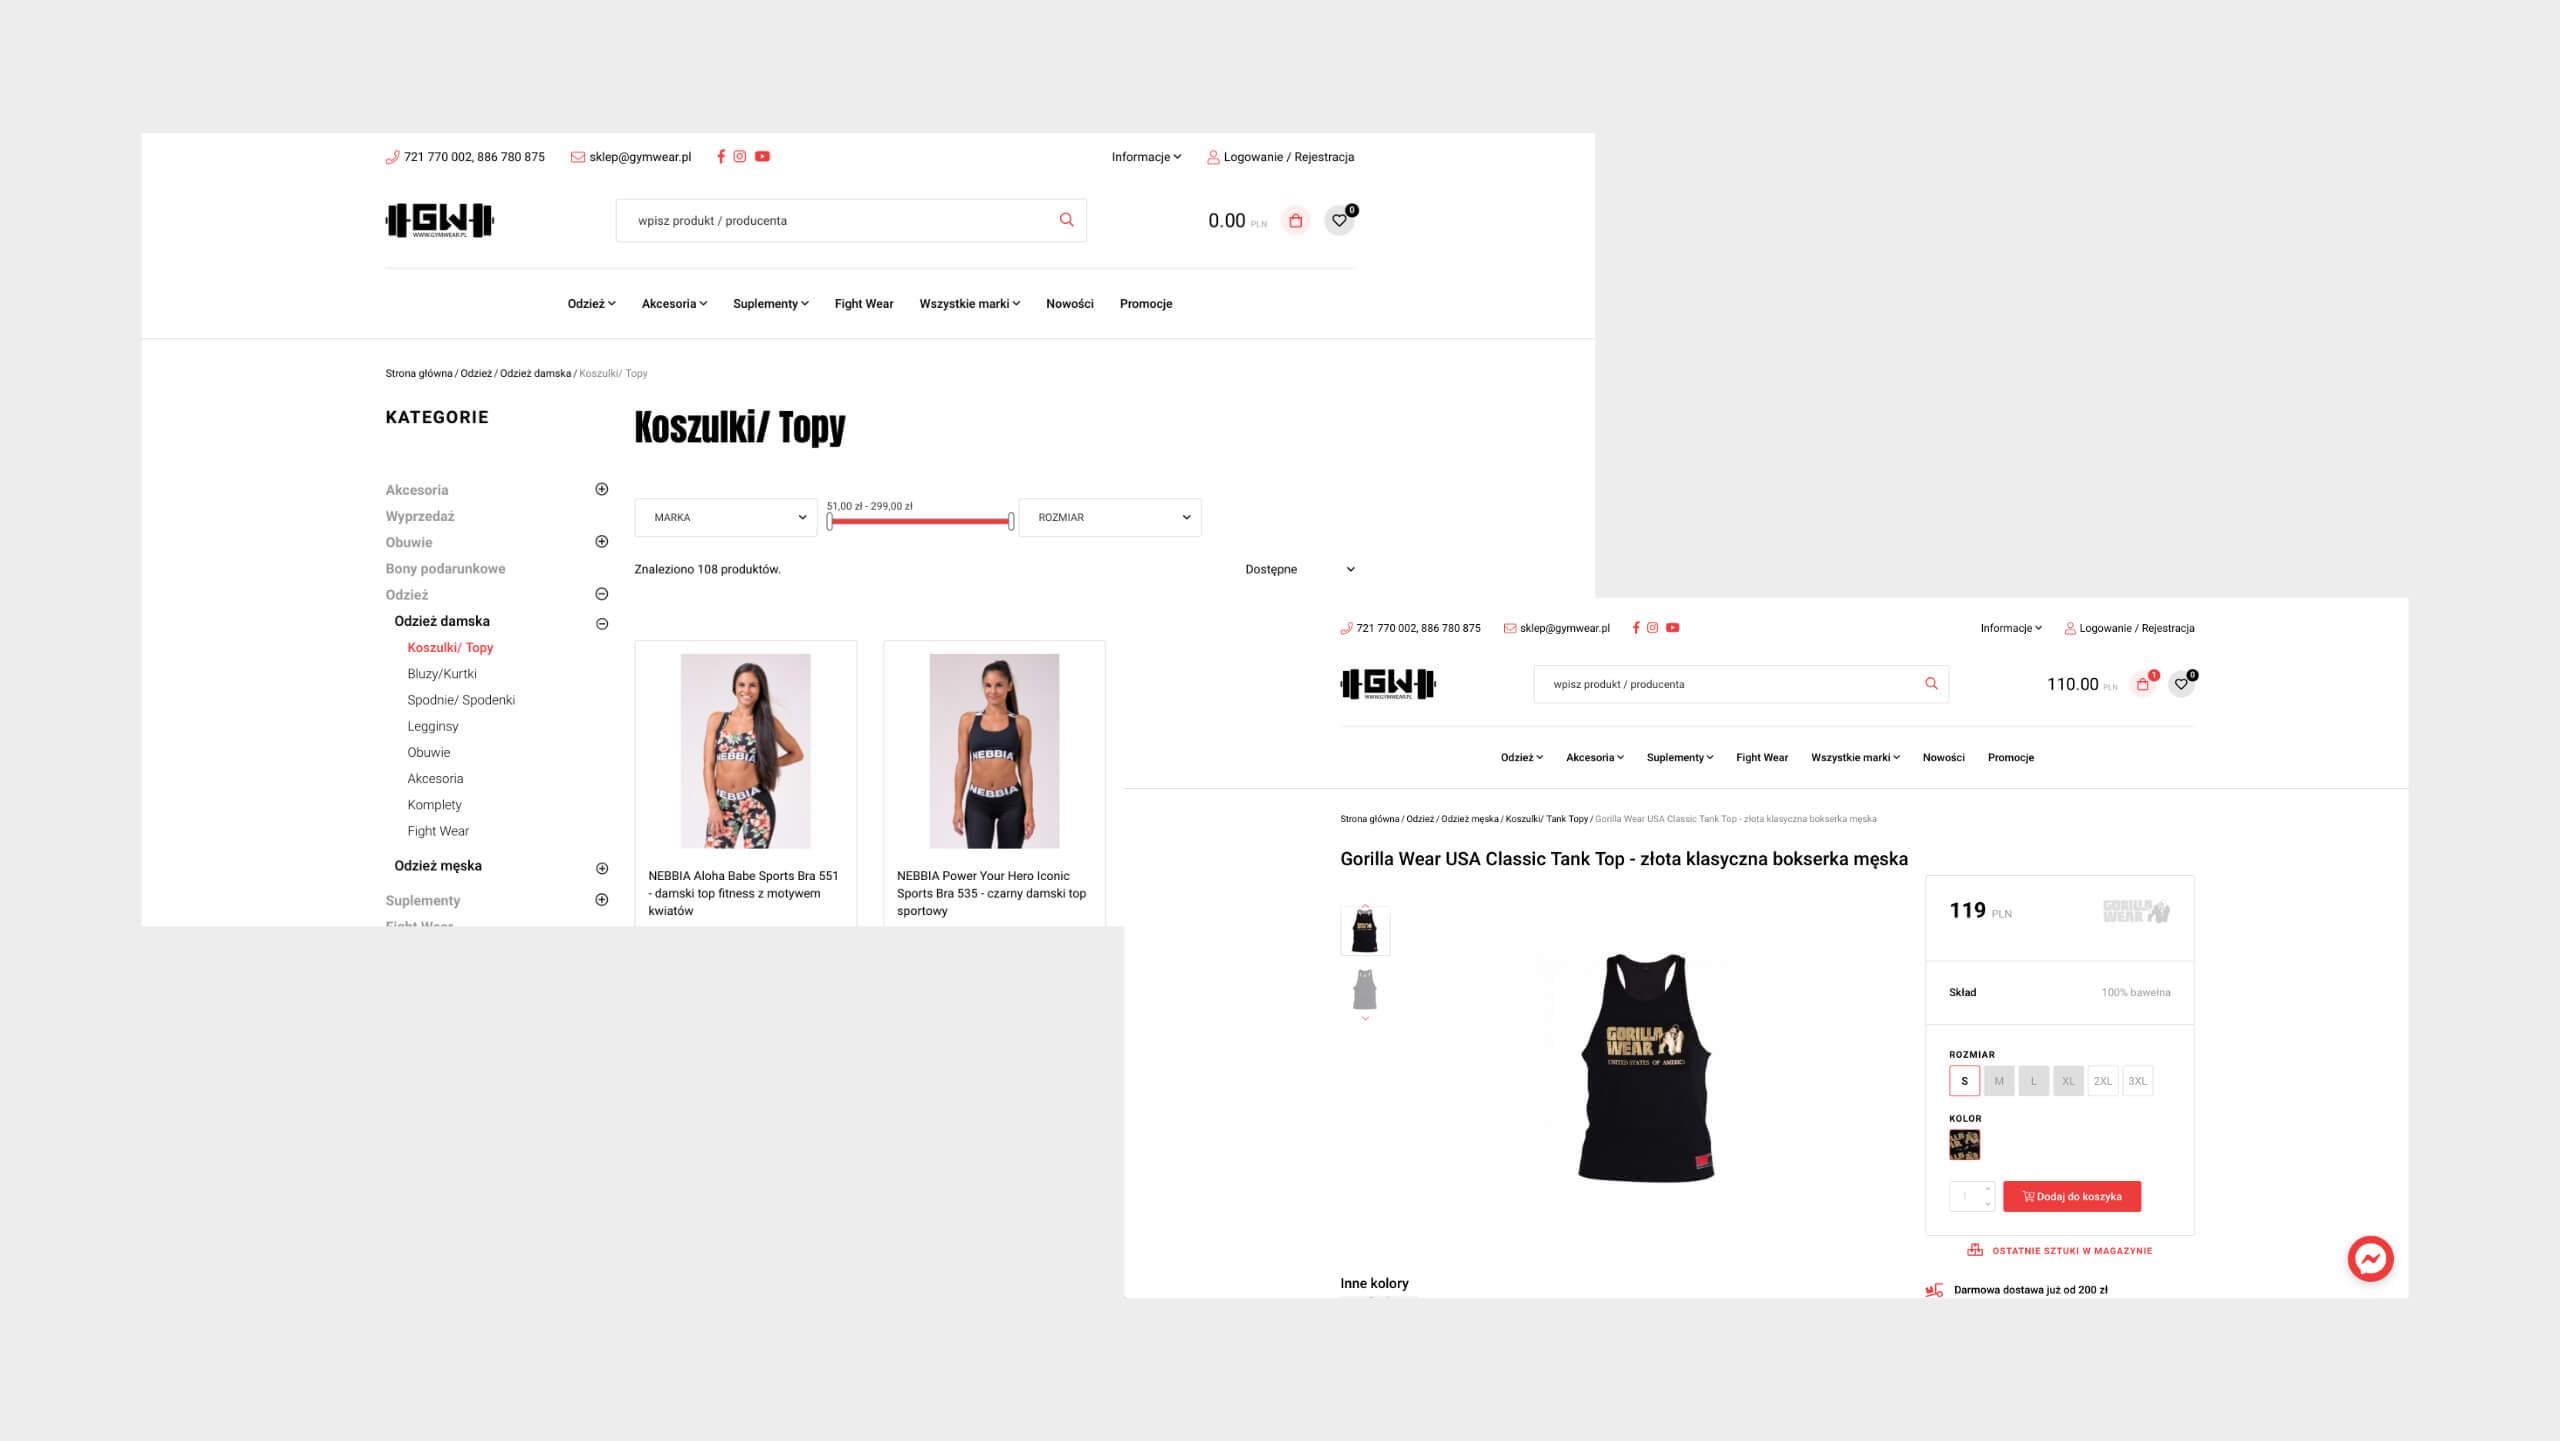 Gym Wear - Dedykowany sklep internetowy